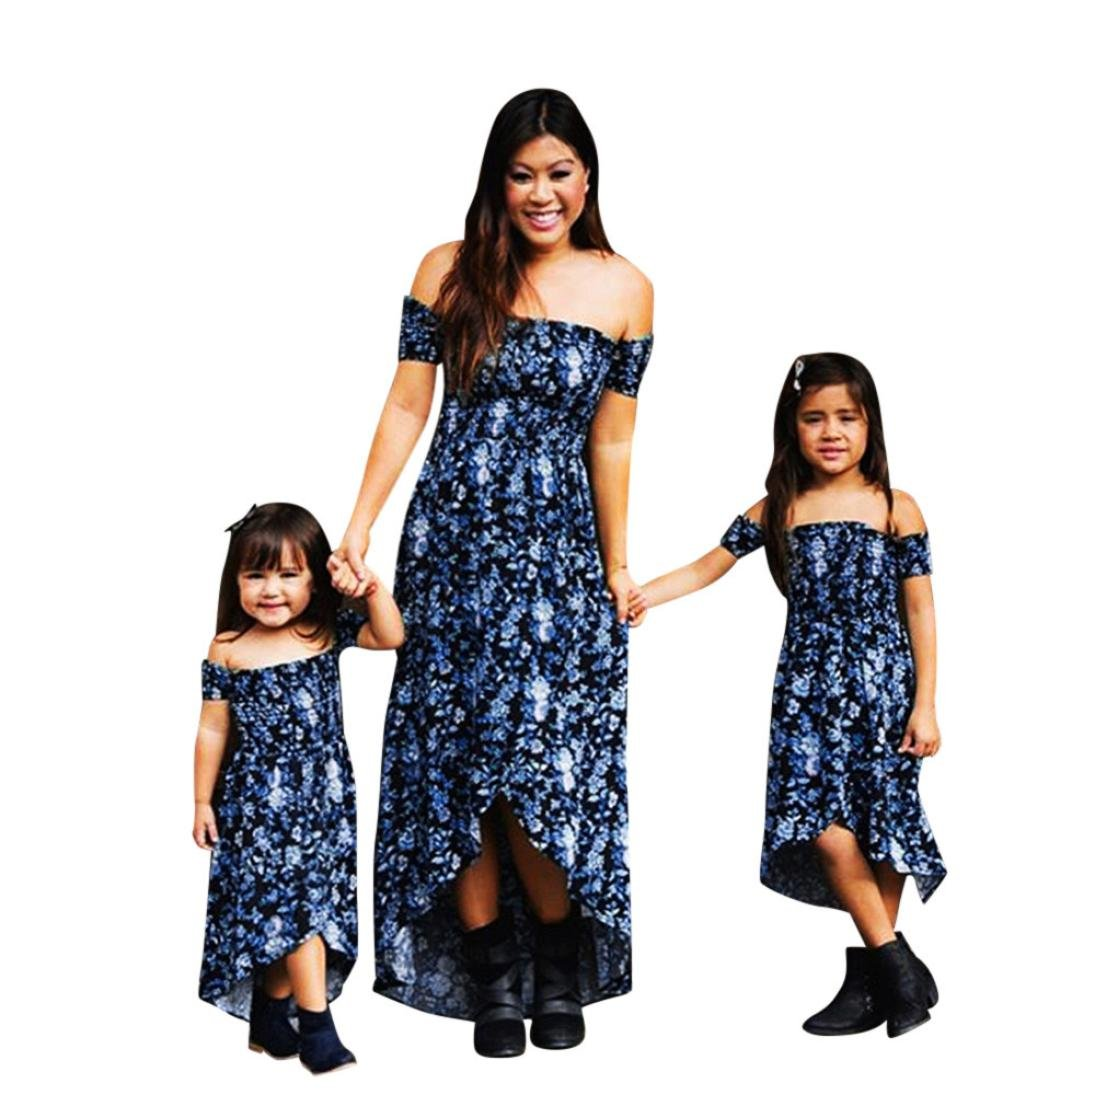 注文割引 Kehen DRESS ベビーガールズ Mom Large Mom Large ベビーガールズ B07DW368BV, ビバスポーツ:3dc94c19 --- arianechie.dominiotemporario.com